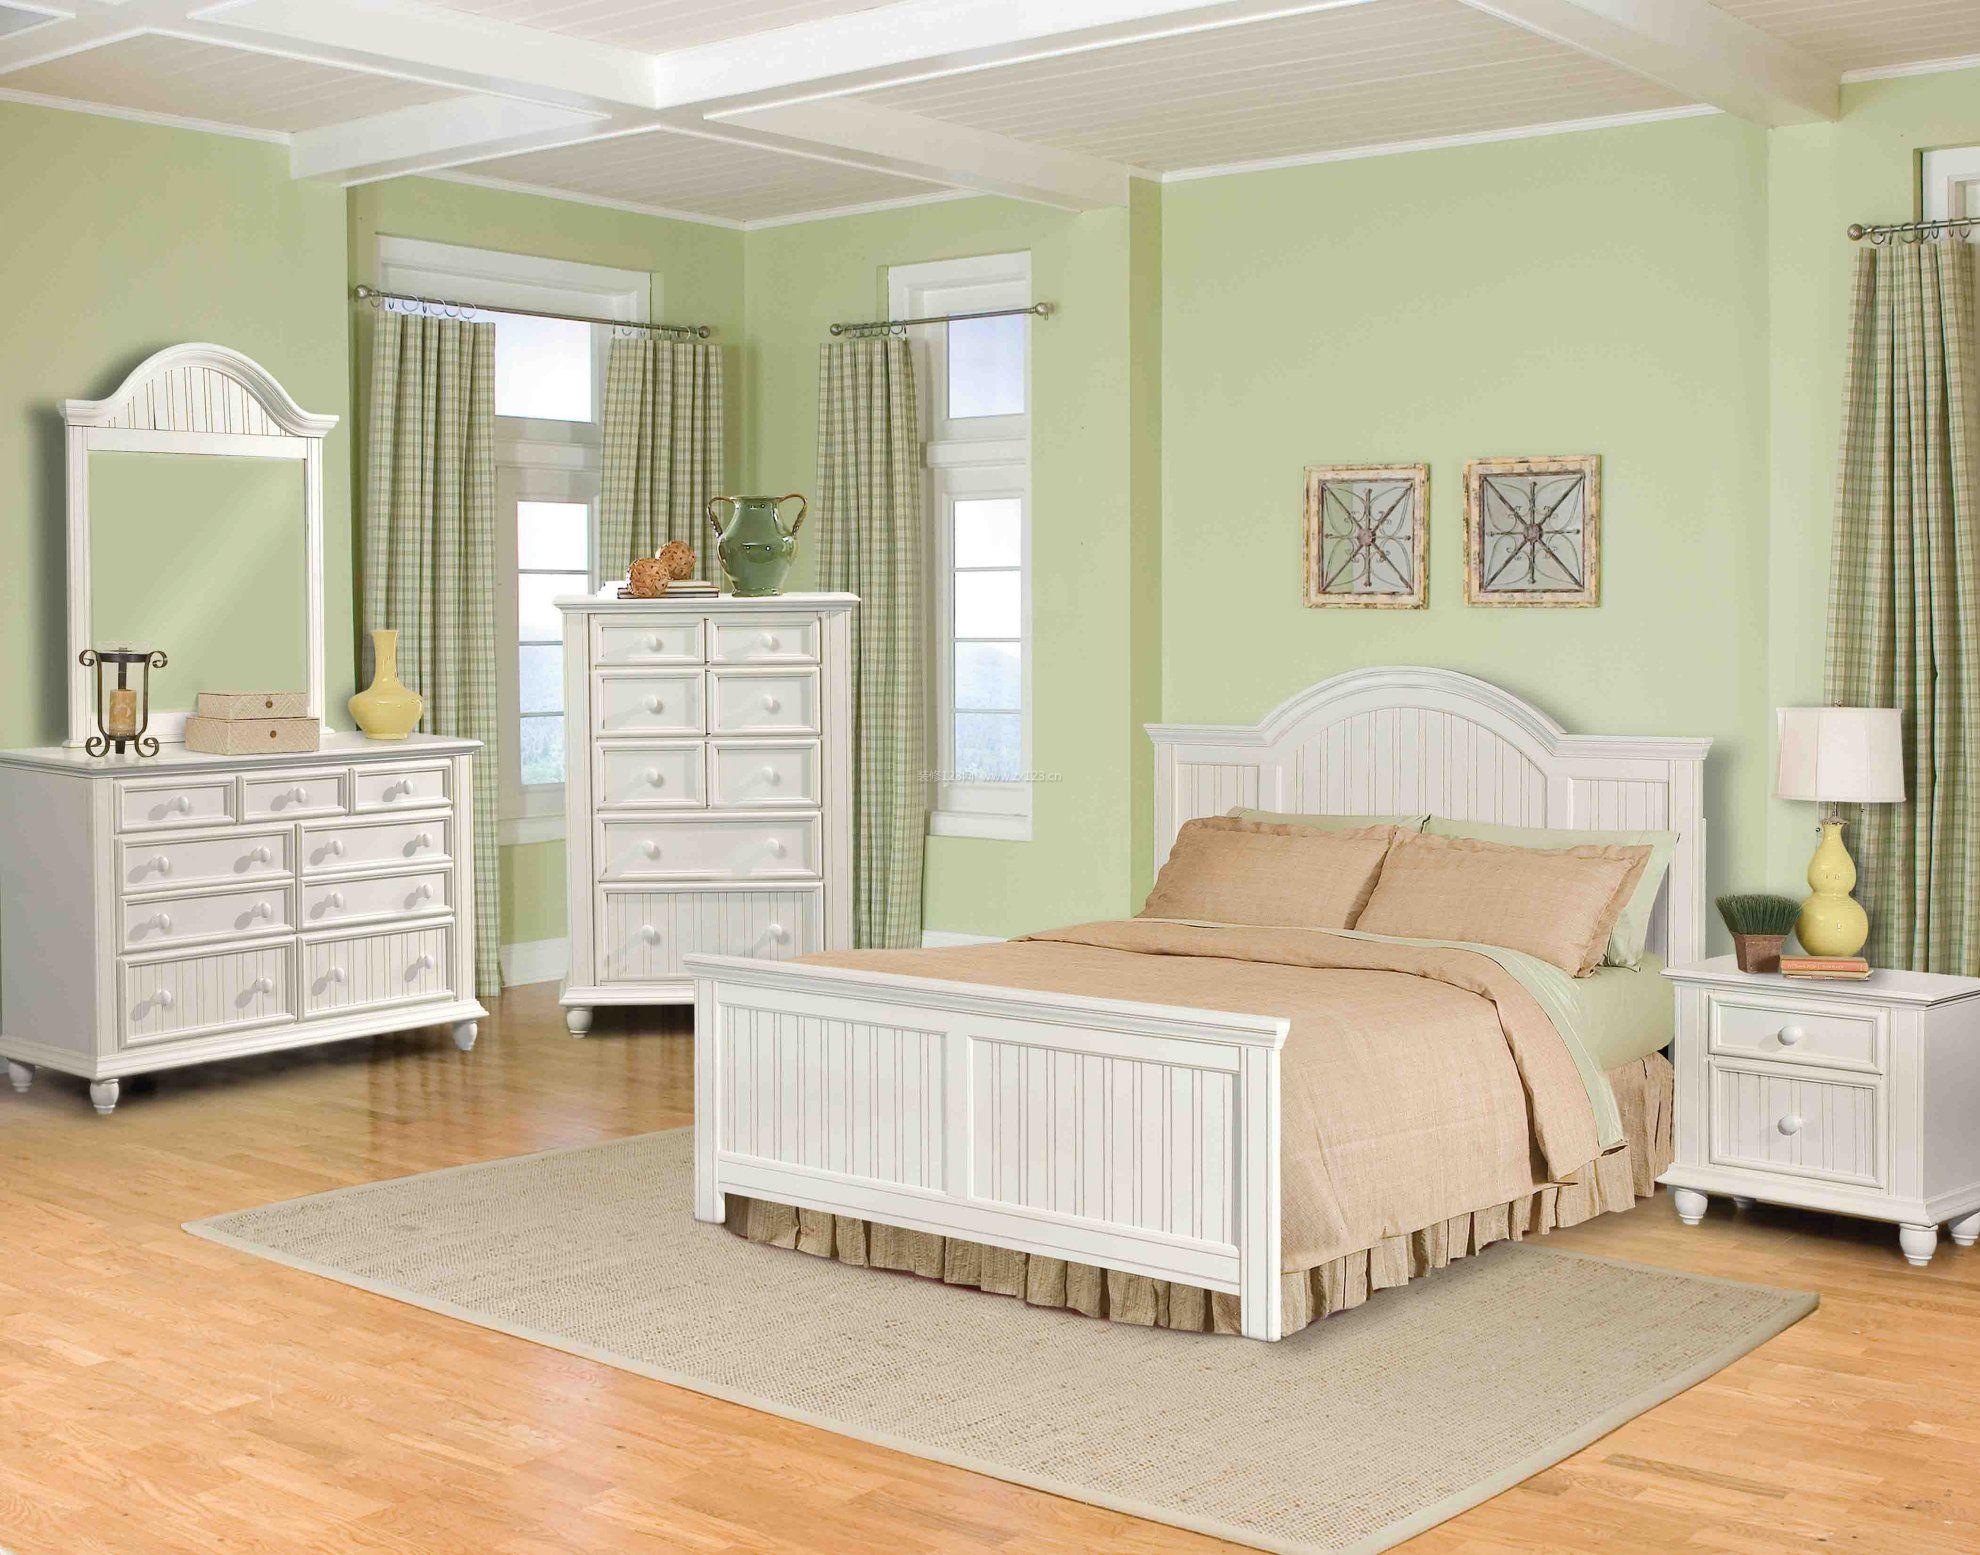 北欧风格卧室松木家具效果图图片